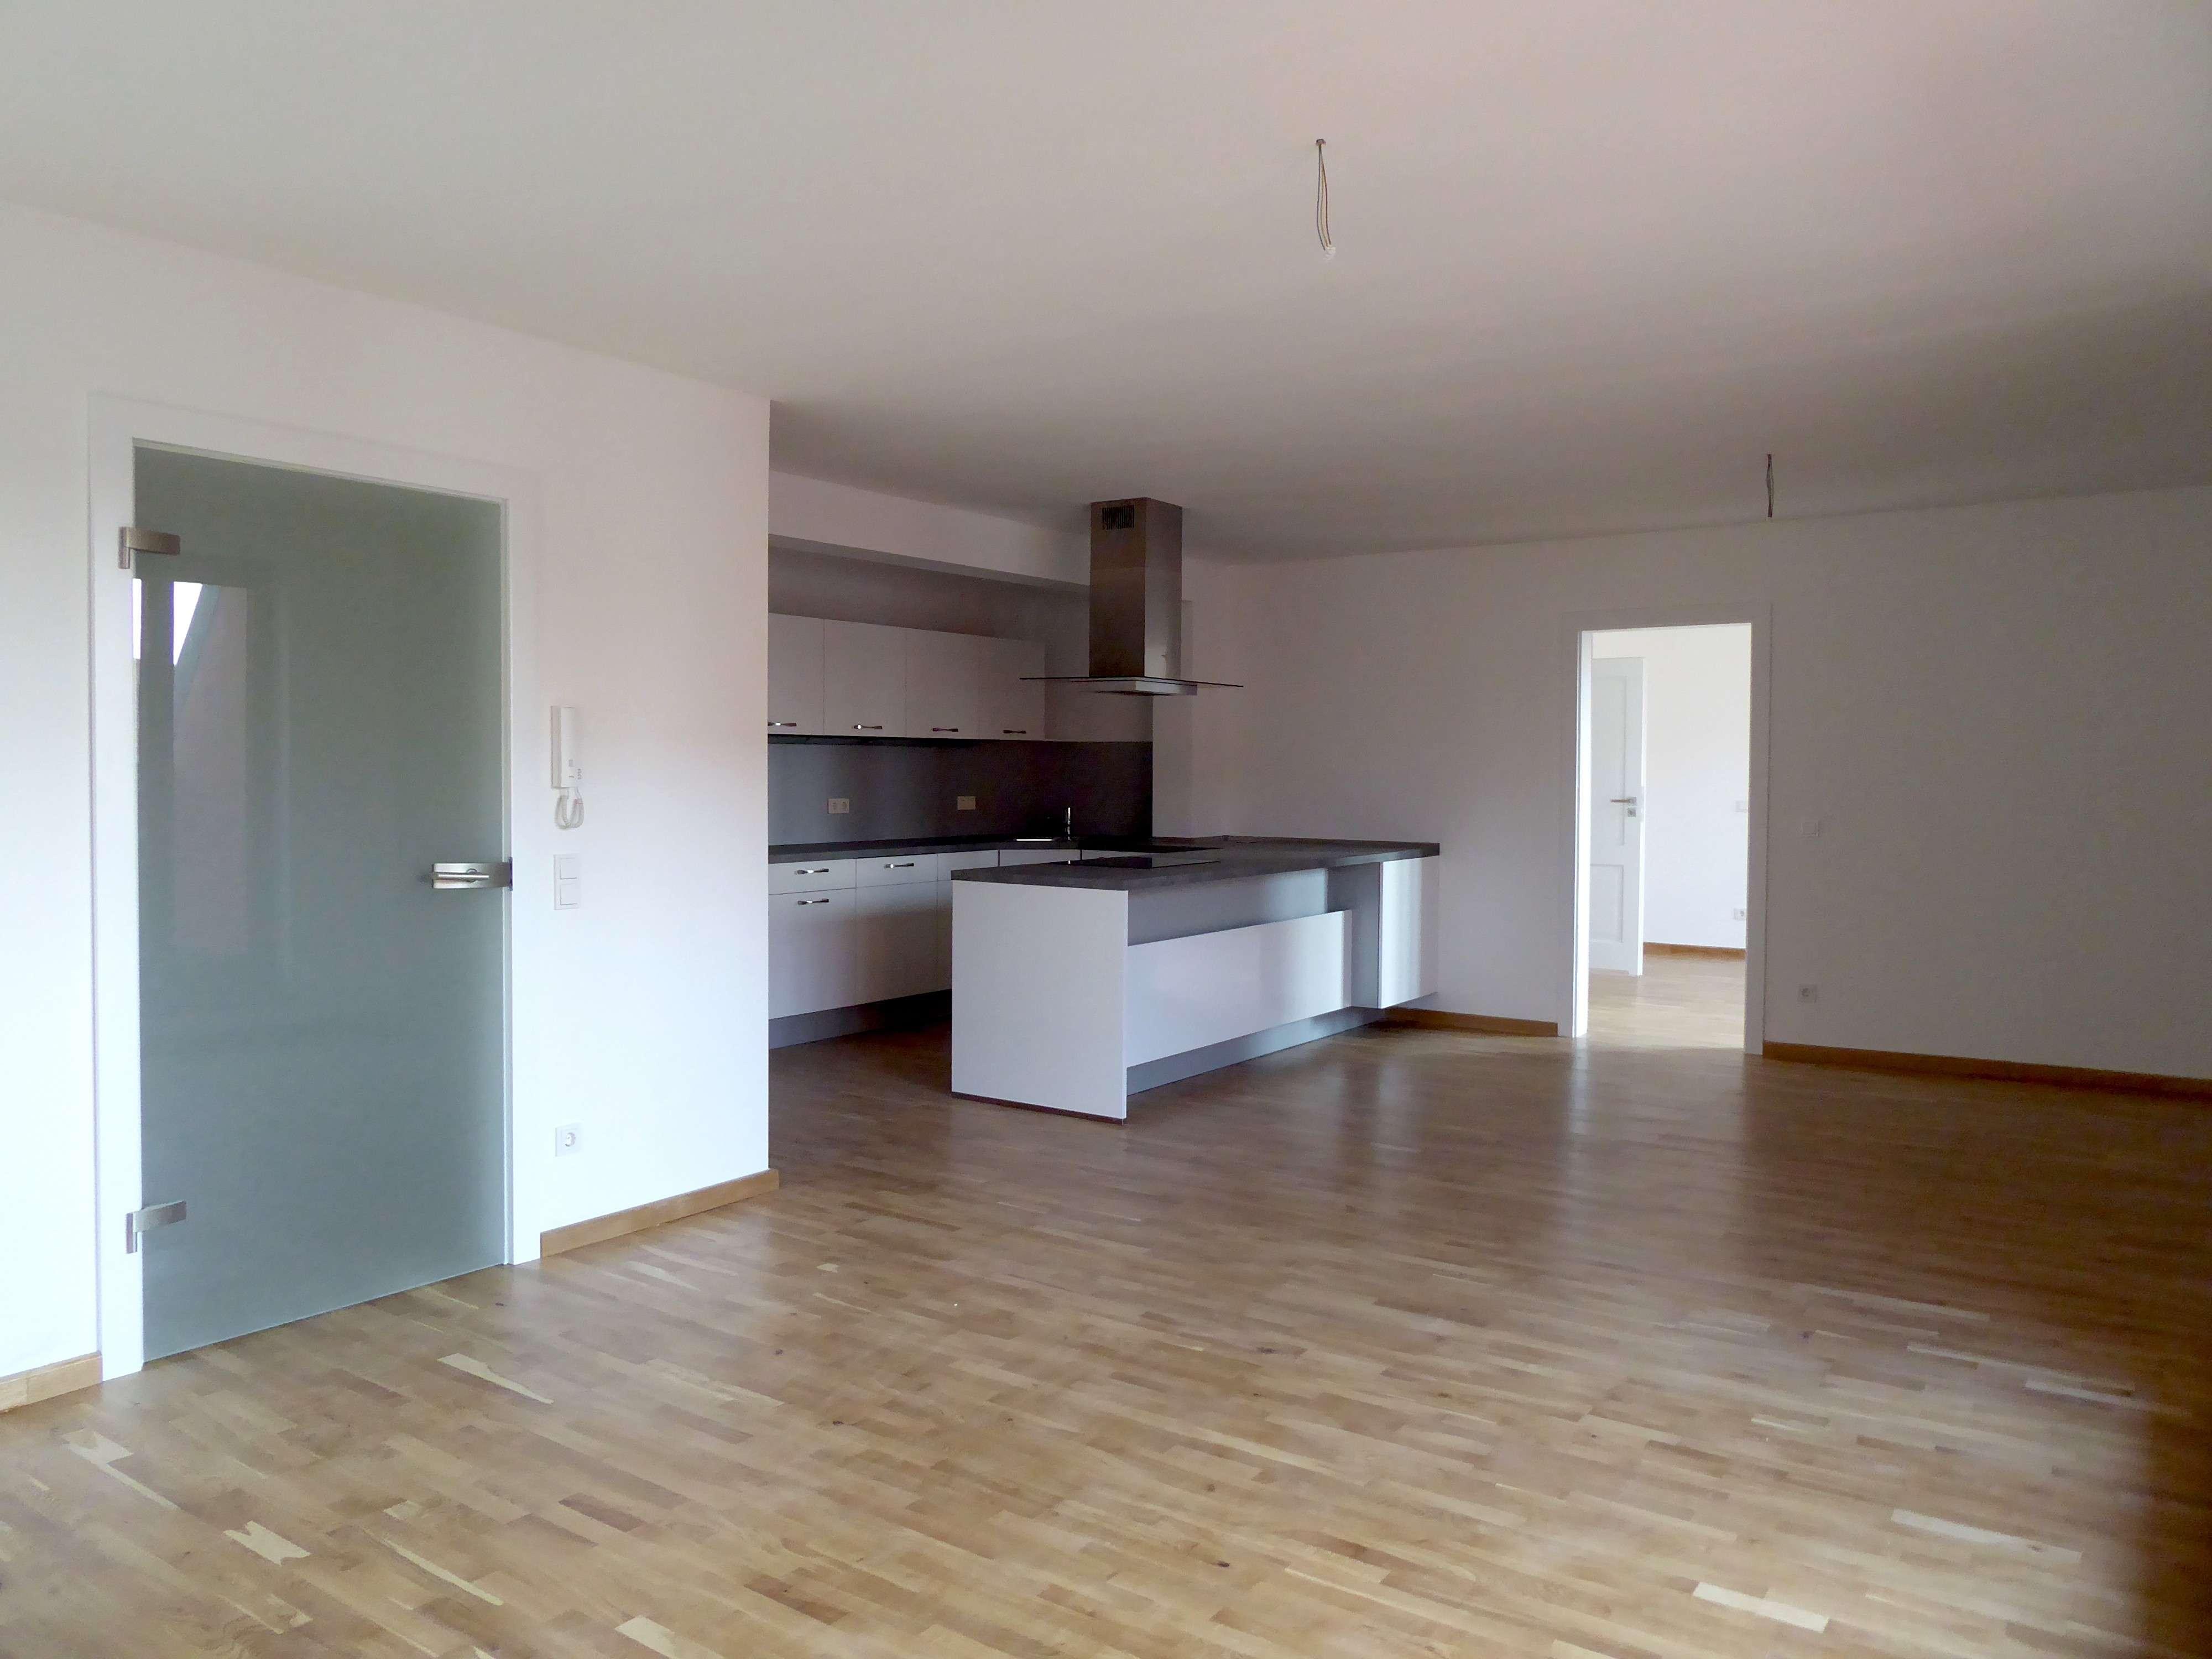 Erstbezug nach Sanierung - Hochwertige 2-Zimmer-Wohnung mit 2 Loggien in bester Altstadtlage